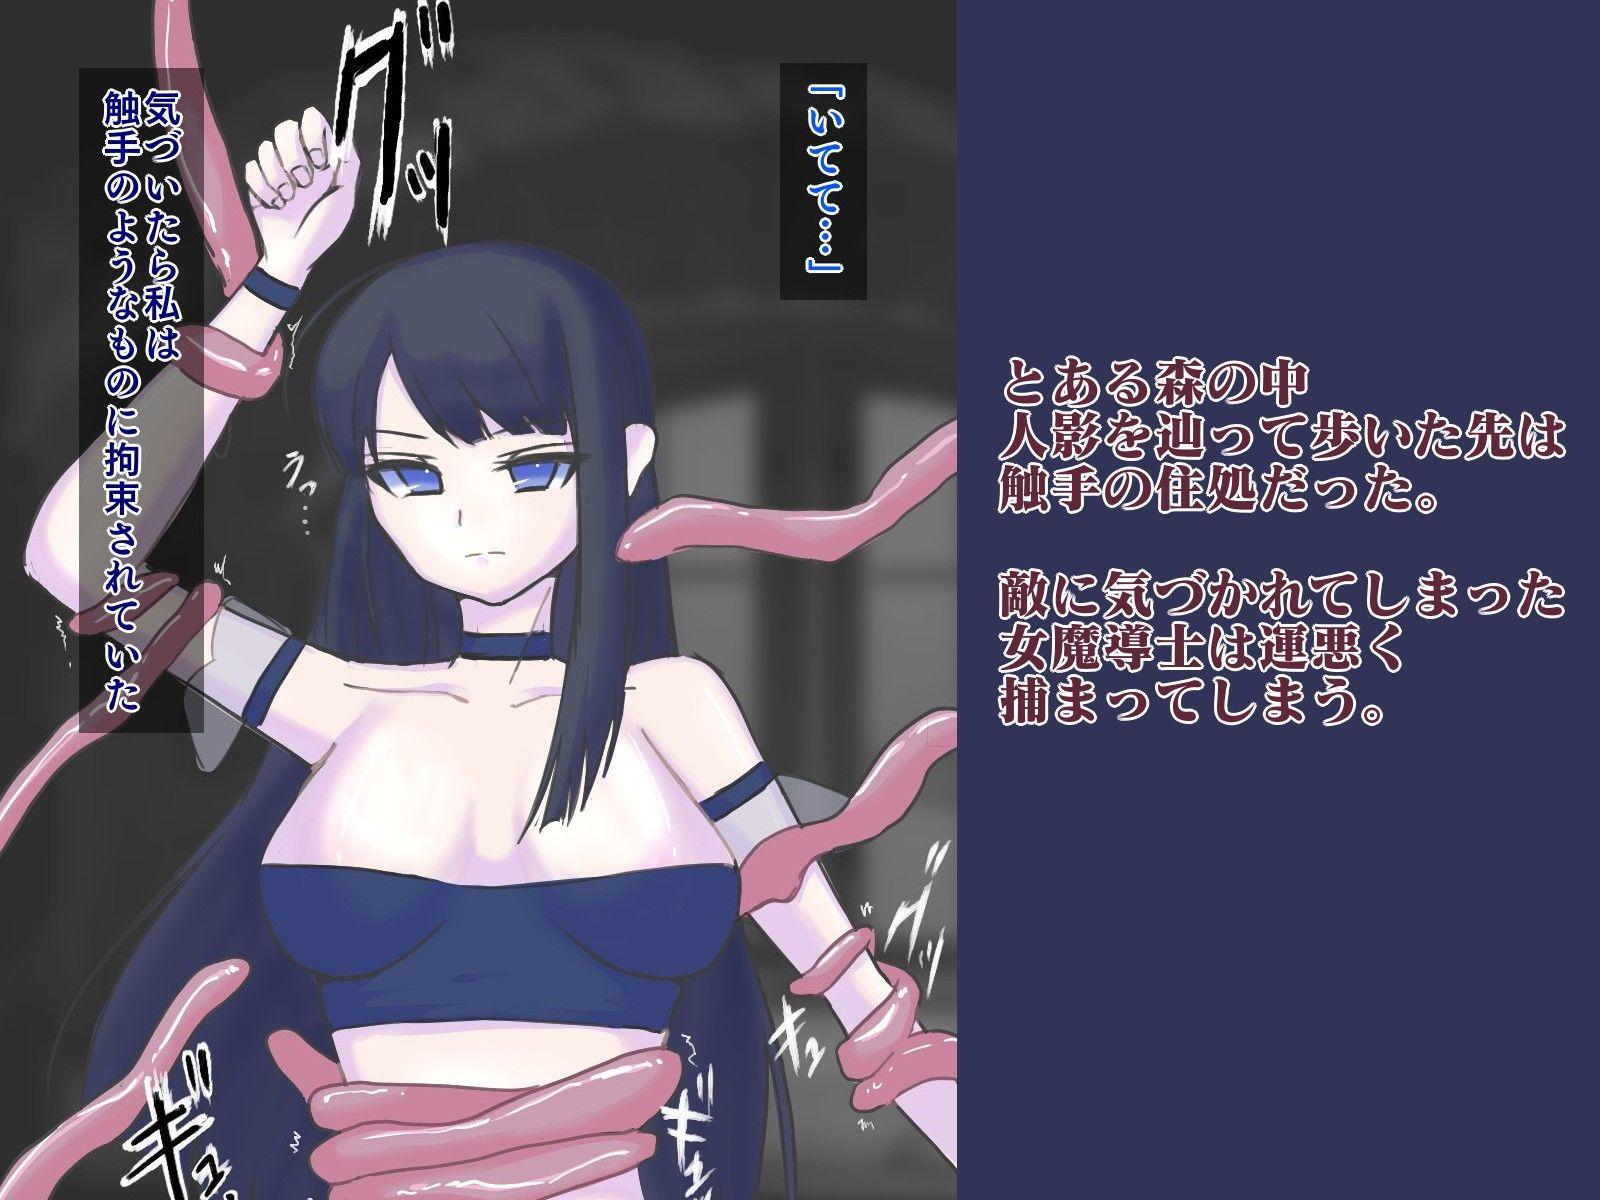 迷いの魔導士〜永久触手地獄〜